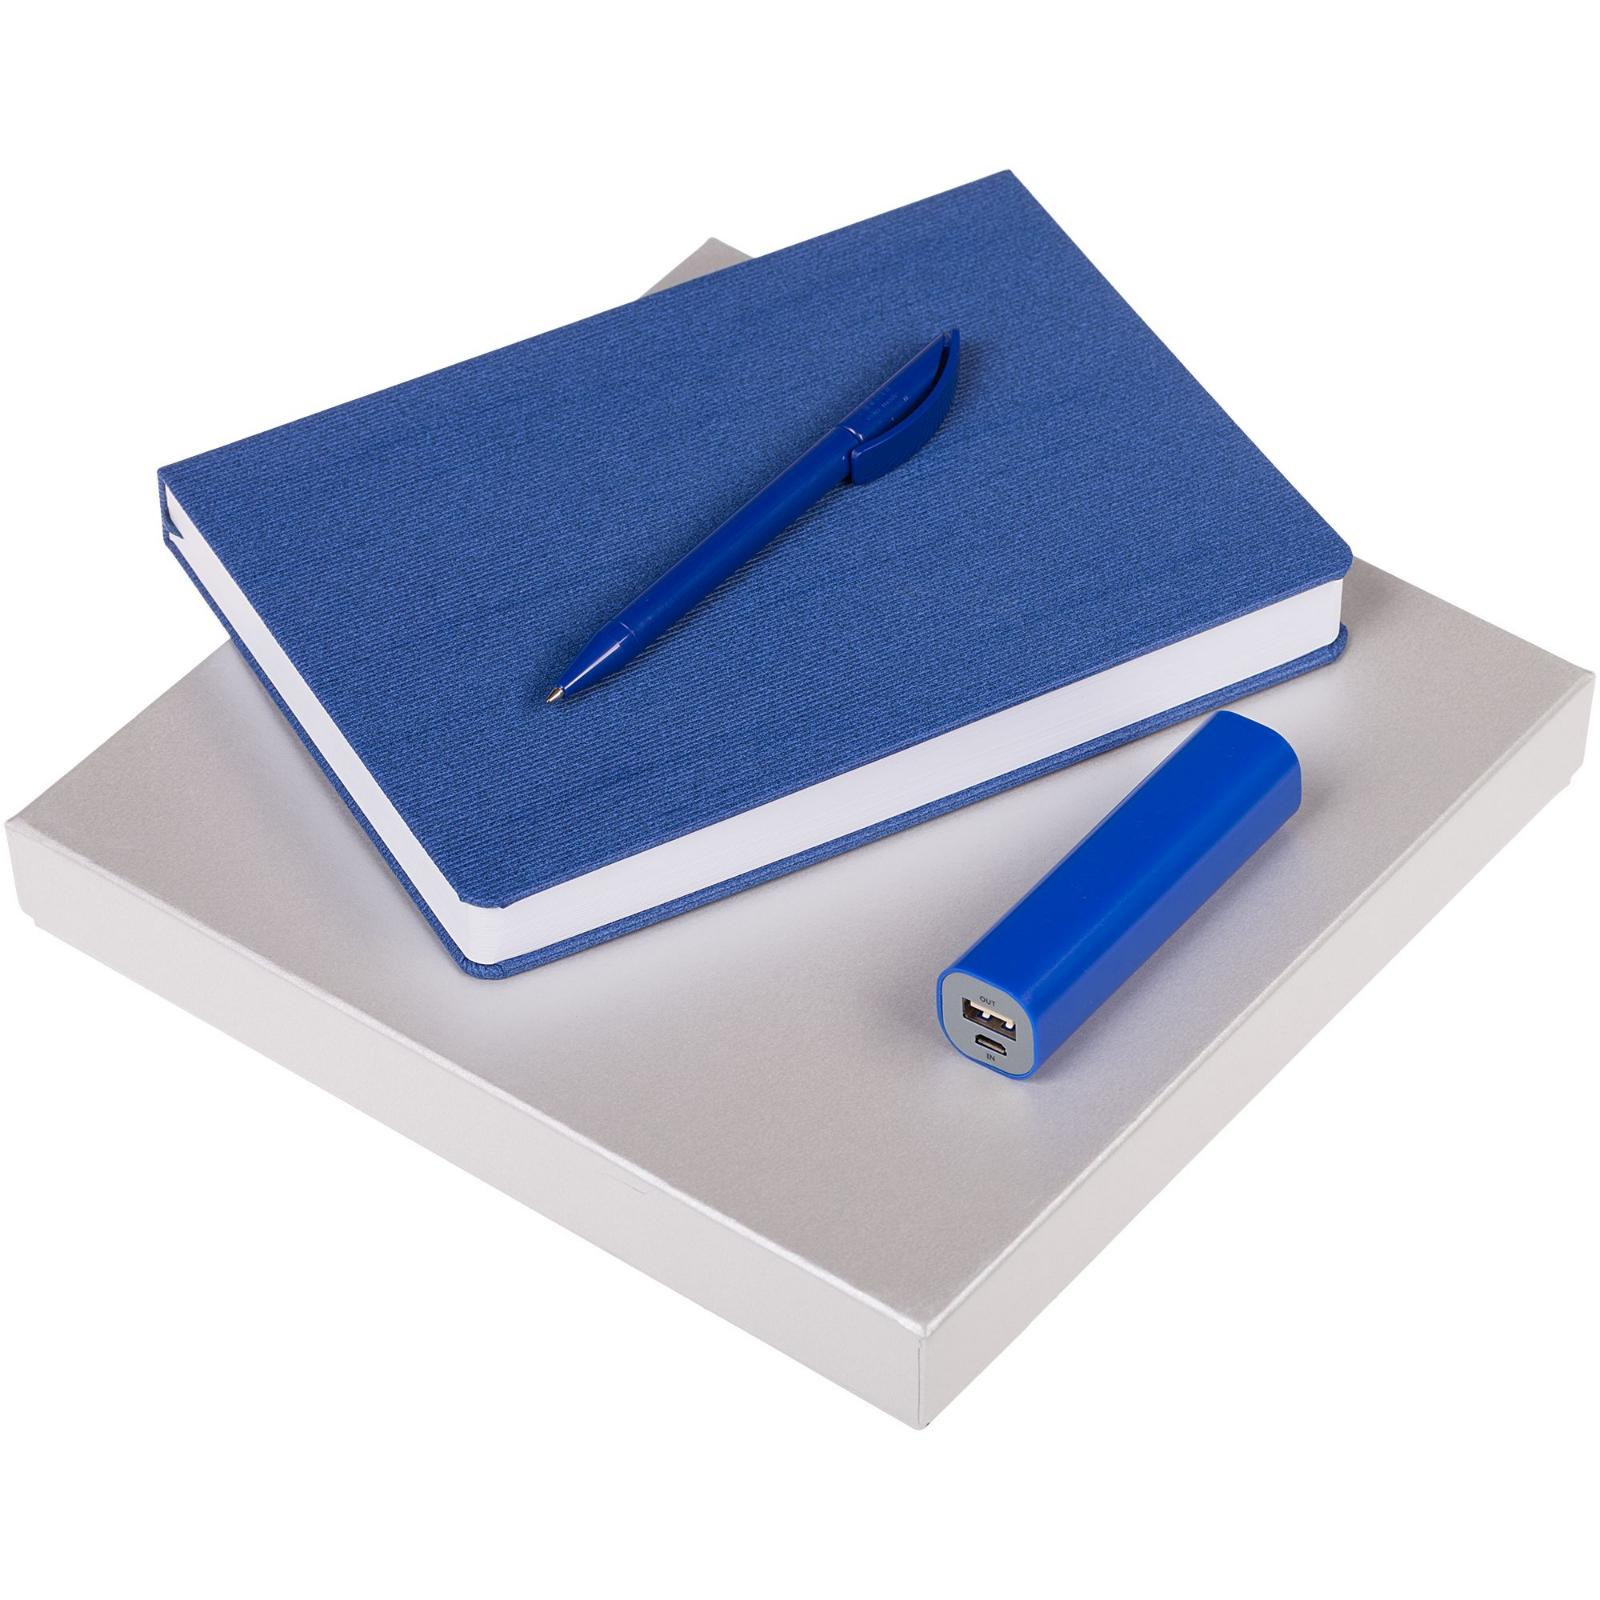 Наборыот 300 р.Набор ежедневник-ручка-флешка стал иконой корпоративного подарка клиентам и сотрудникам. Это стильный и неотъемлемый атрибут корпоративной этики. А главное - он очень практичен.